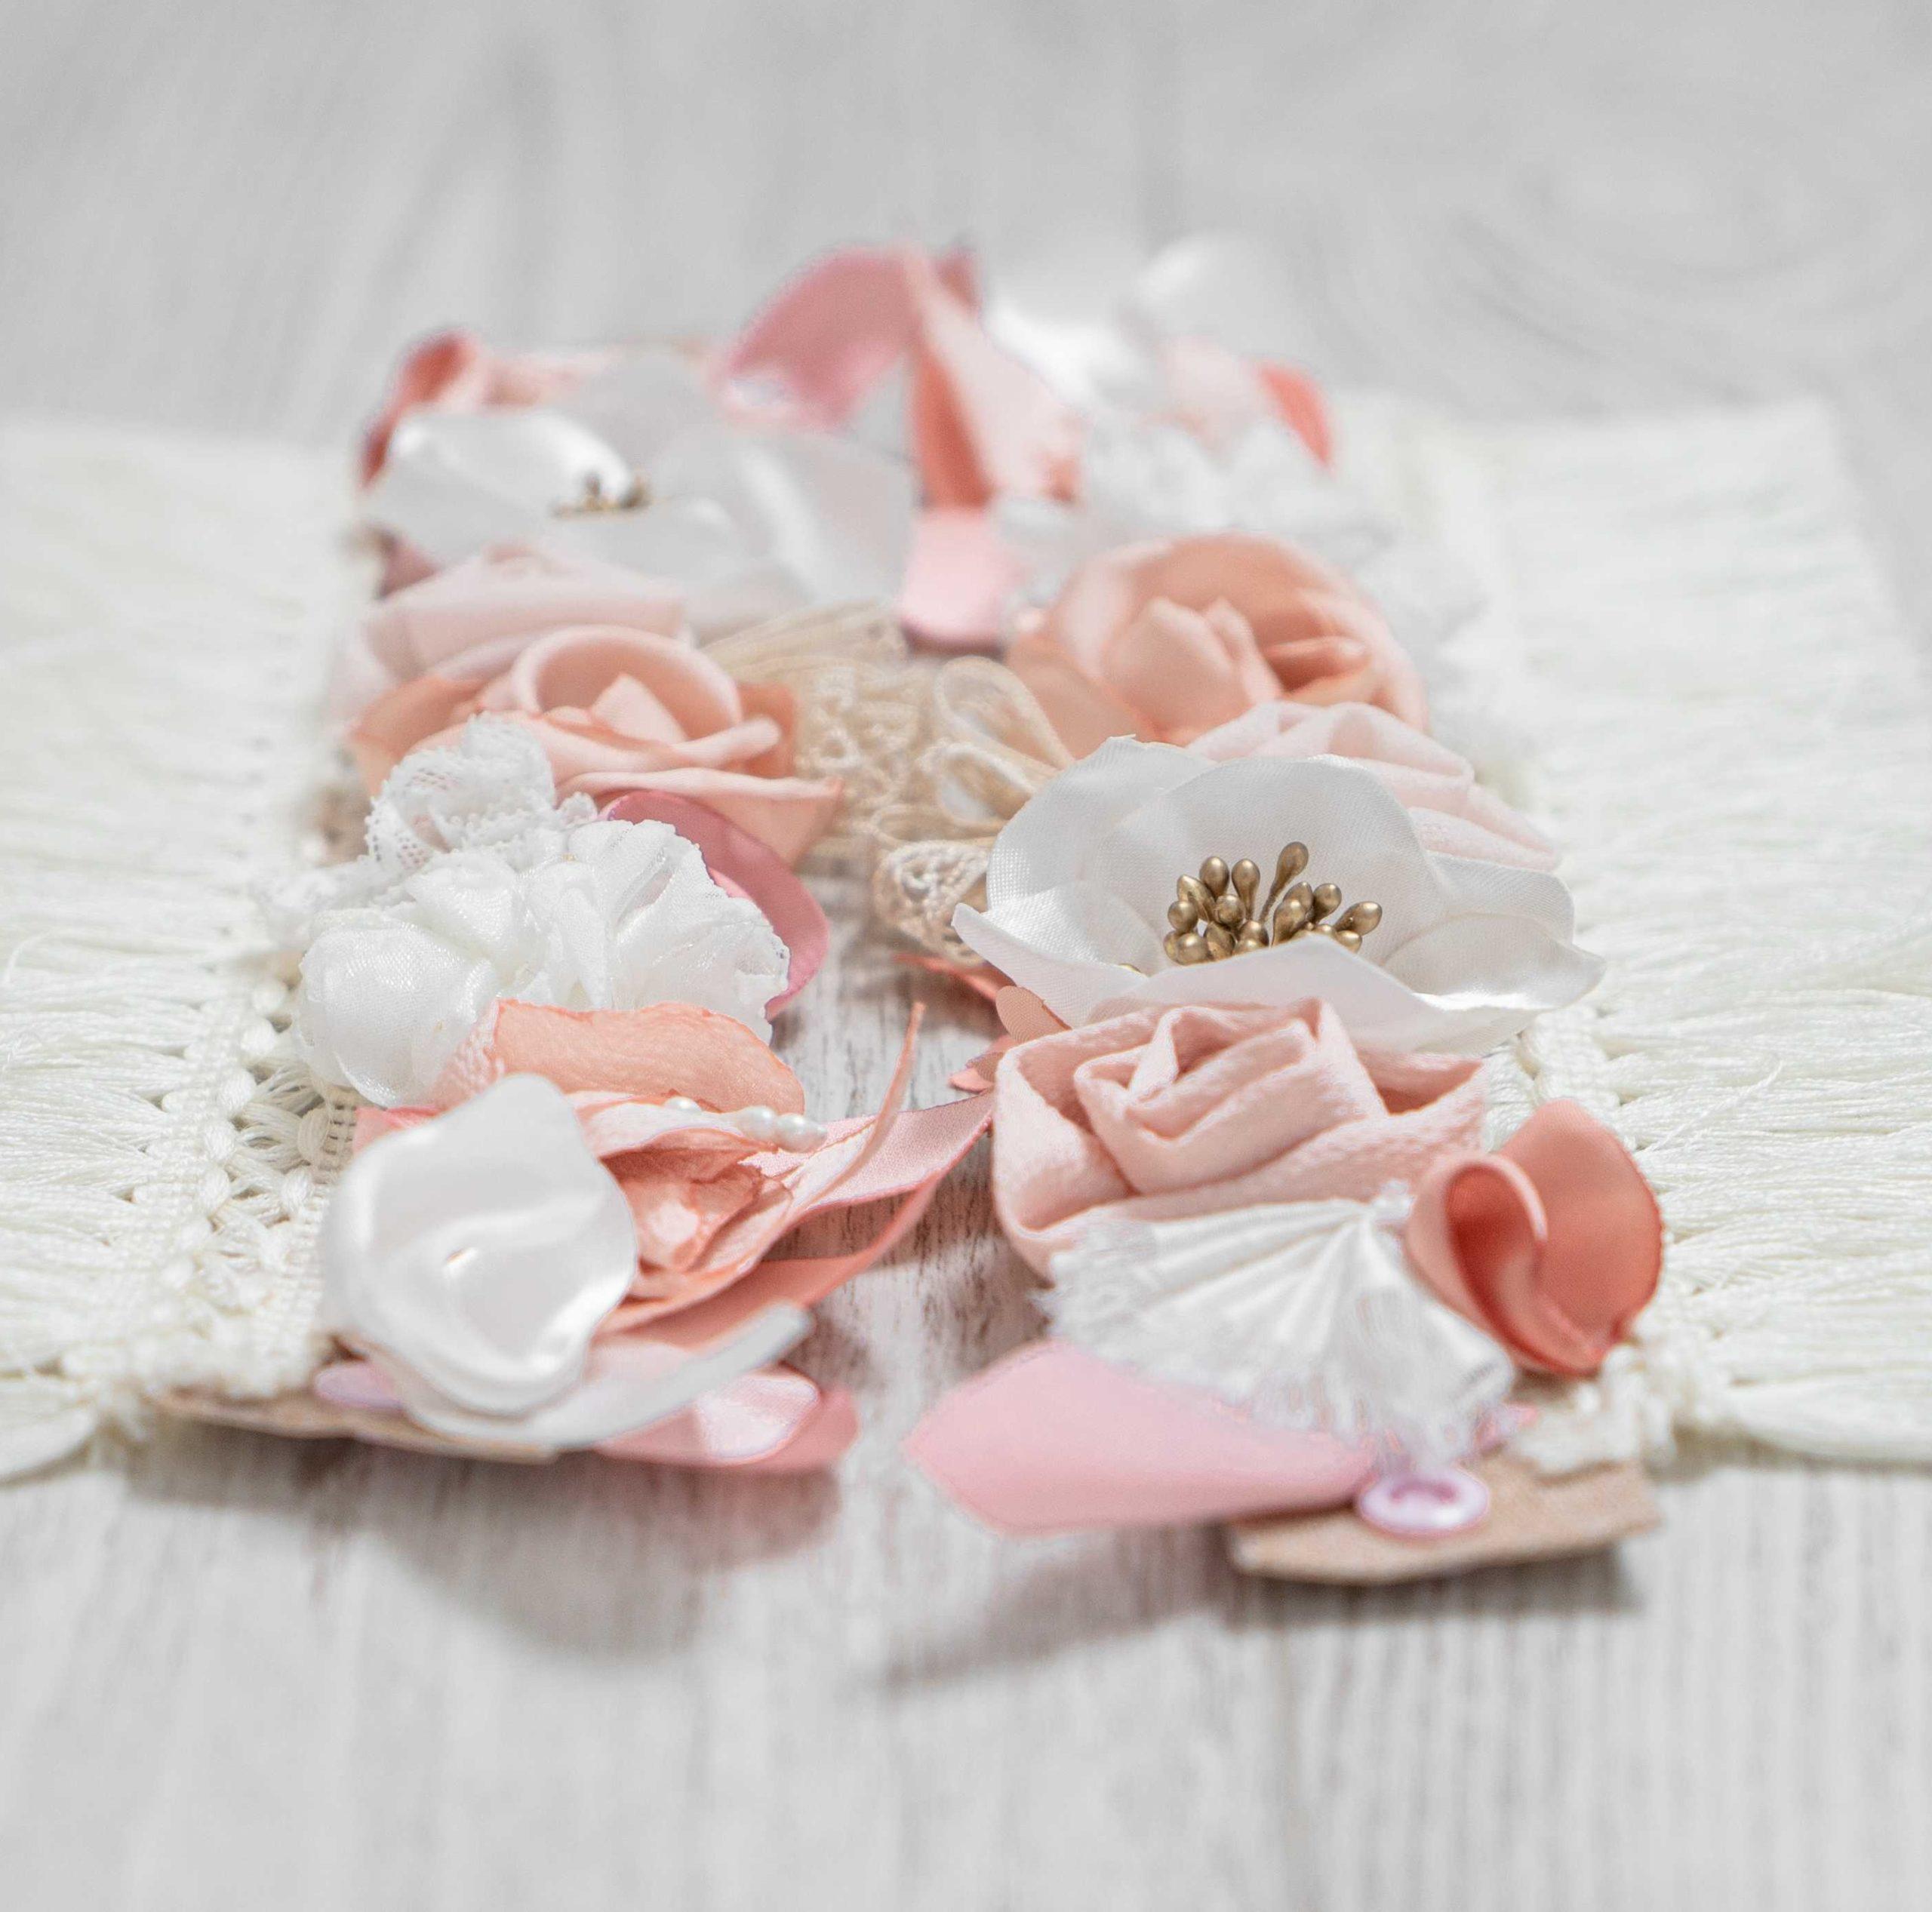 Bracelets cheville 2 Alice Marty - Couture florale Accessoires Mariage